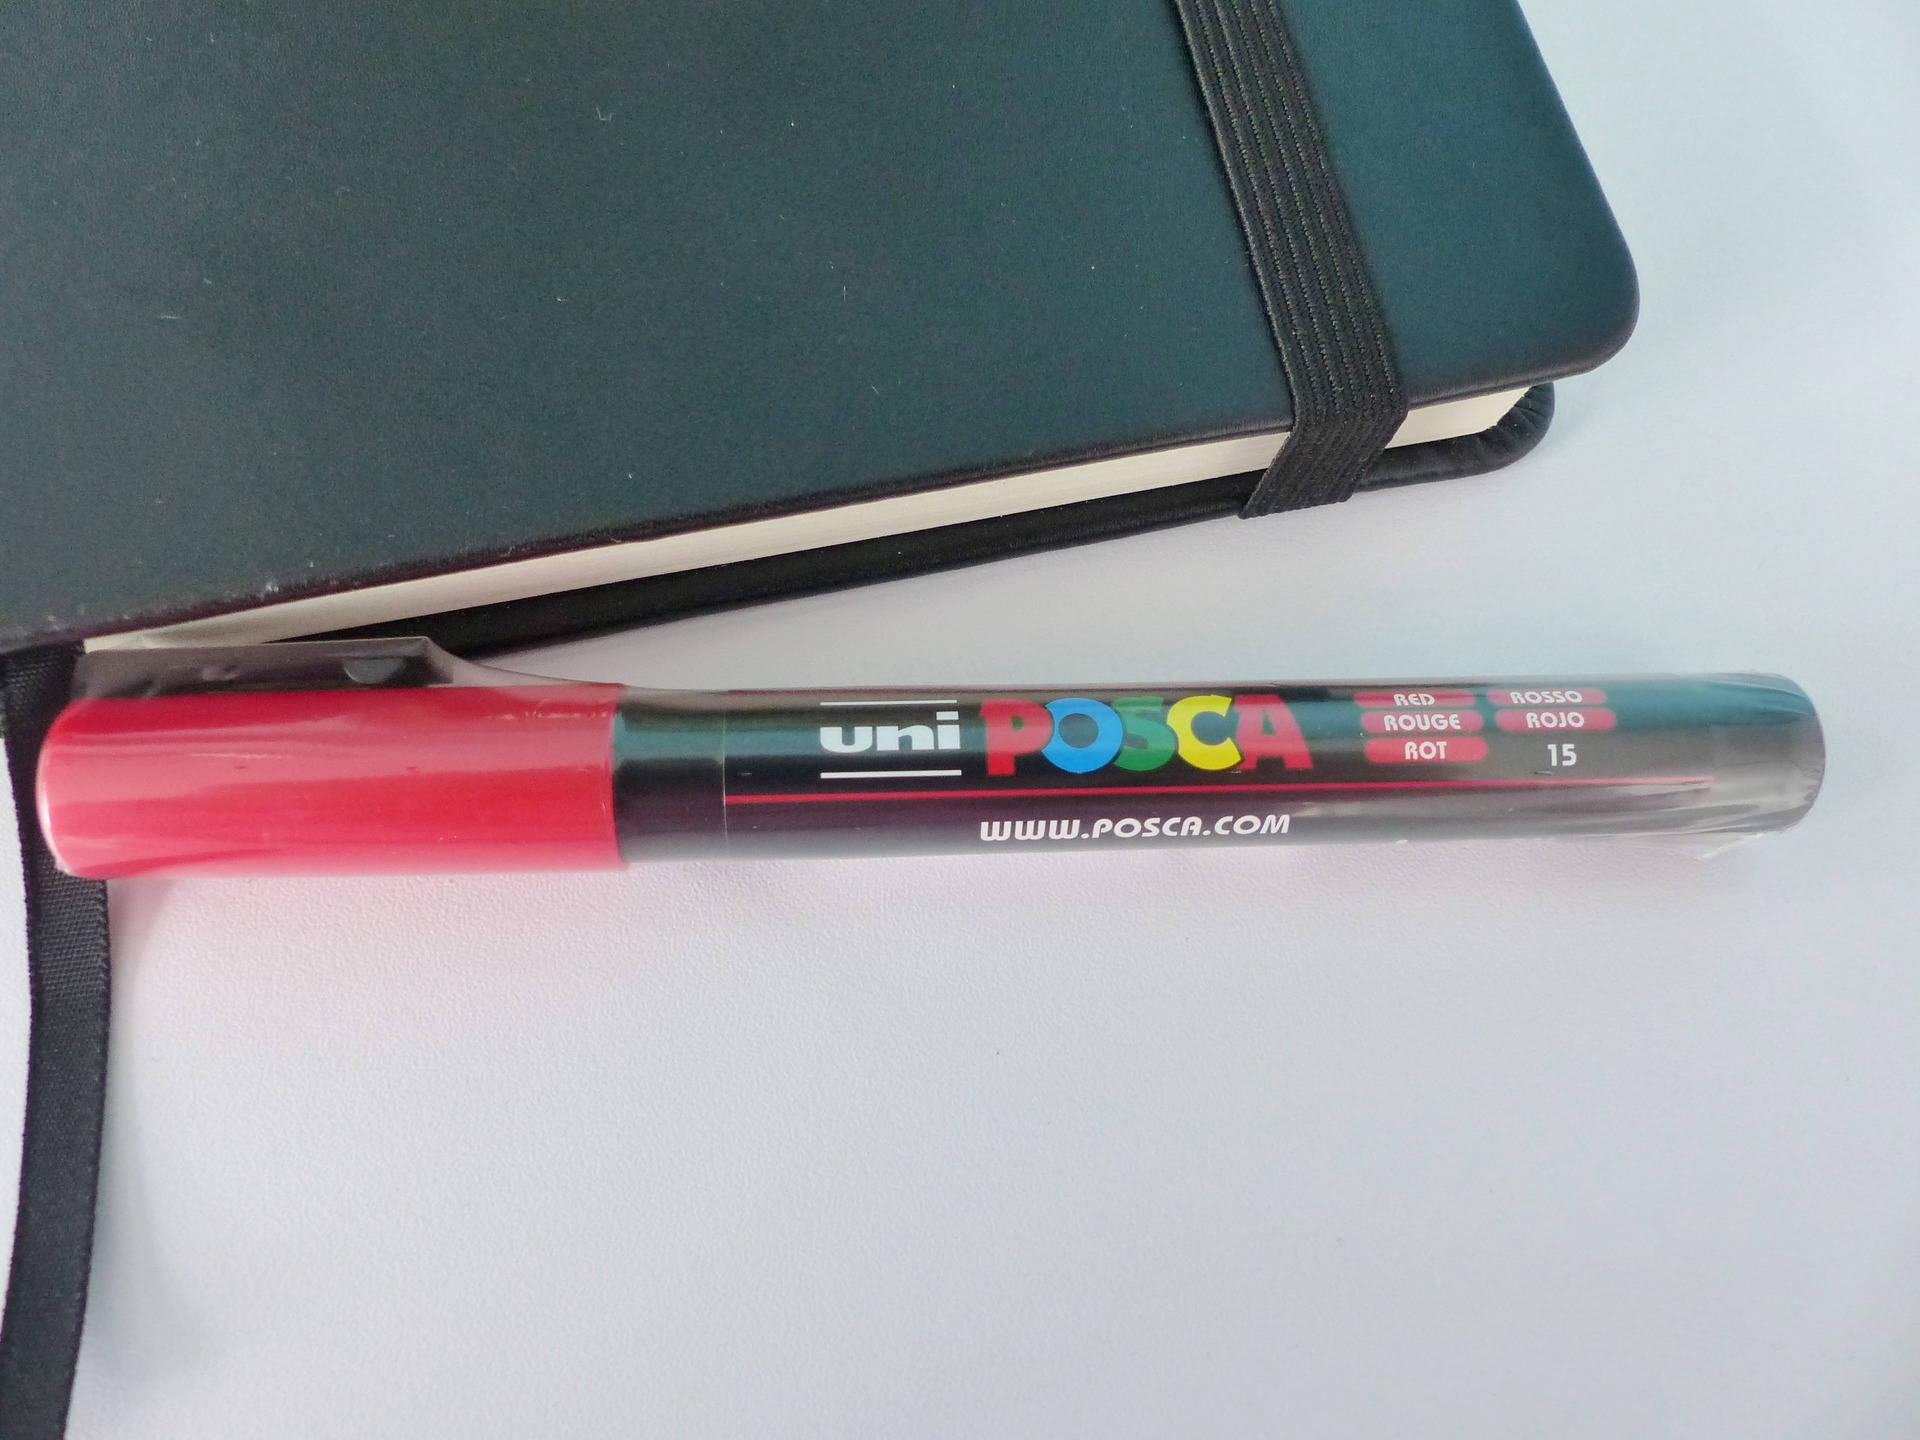 feutre marqueur POSCA rouge pointe conique PC 3M 0.9-1.3 mm bullet shaped numero 15